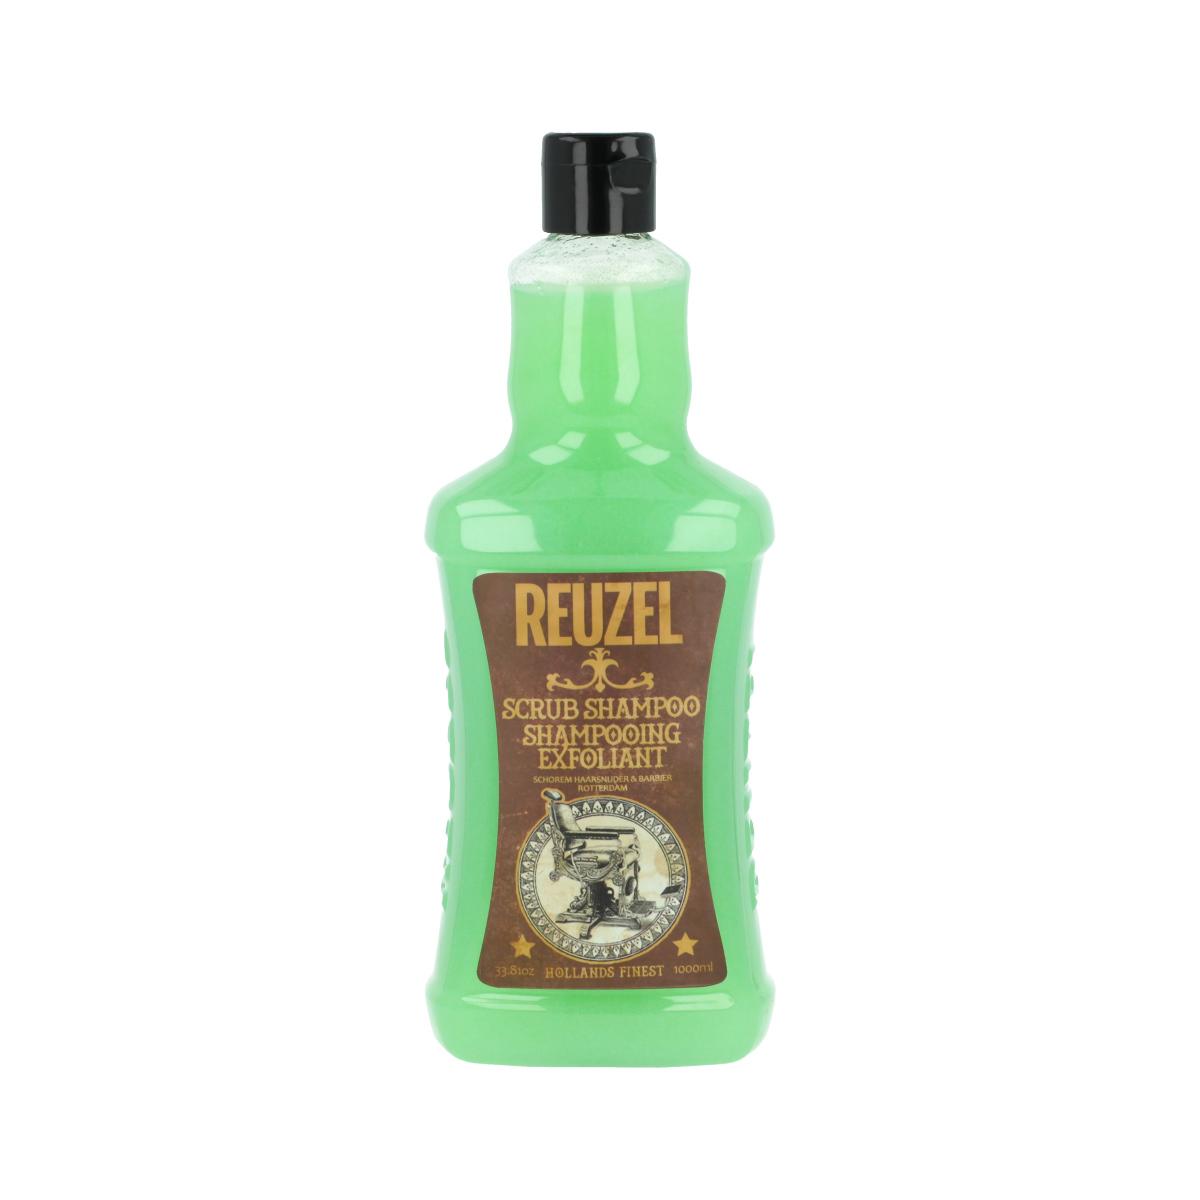 REUZEL Scrub Shampoo 1000 ml 14466